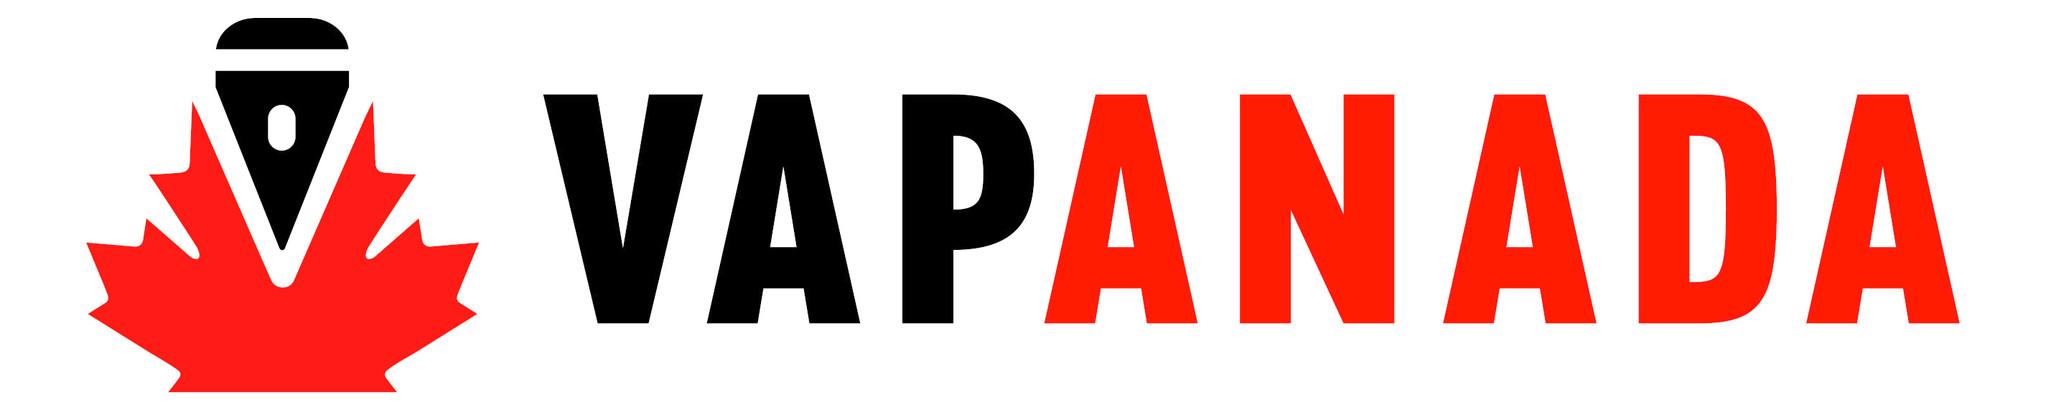 vapanada logo